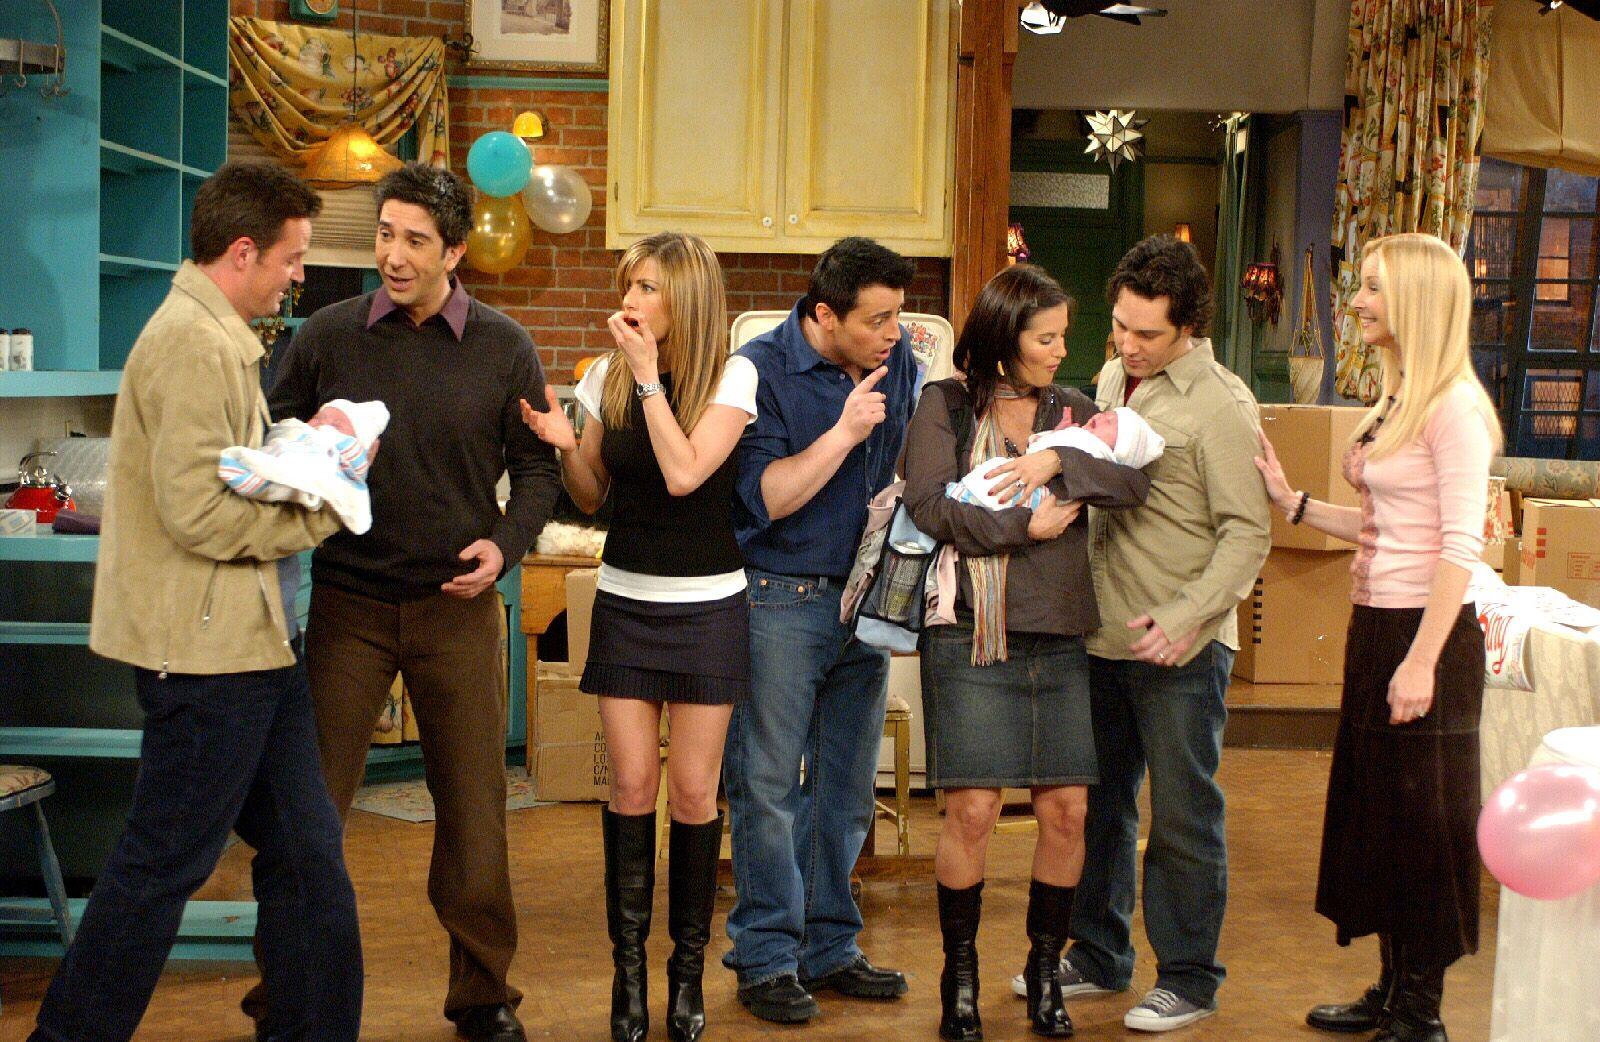 Escena de la serie de tvFriends